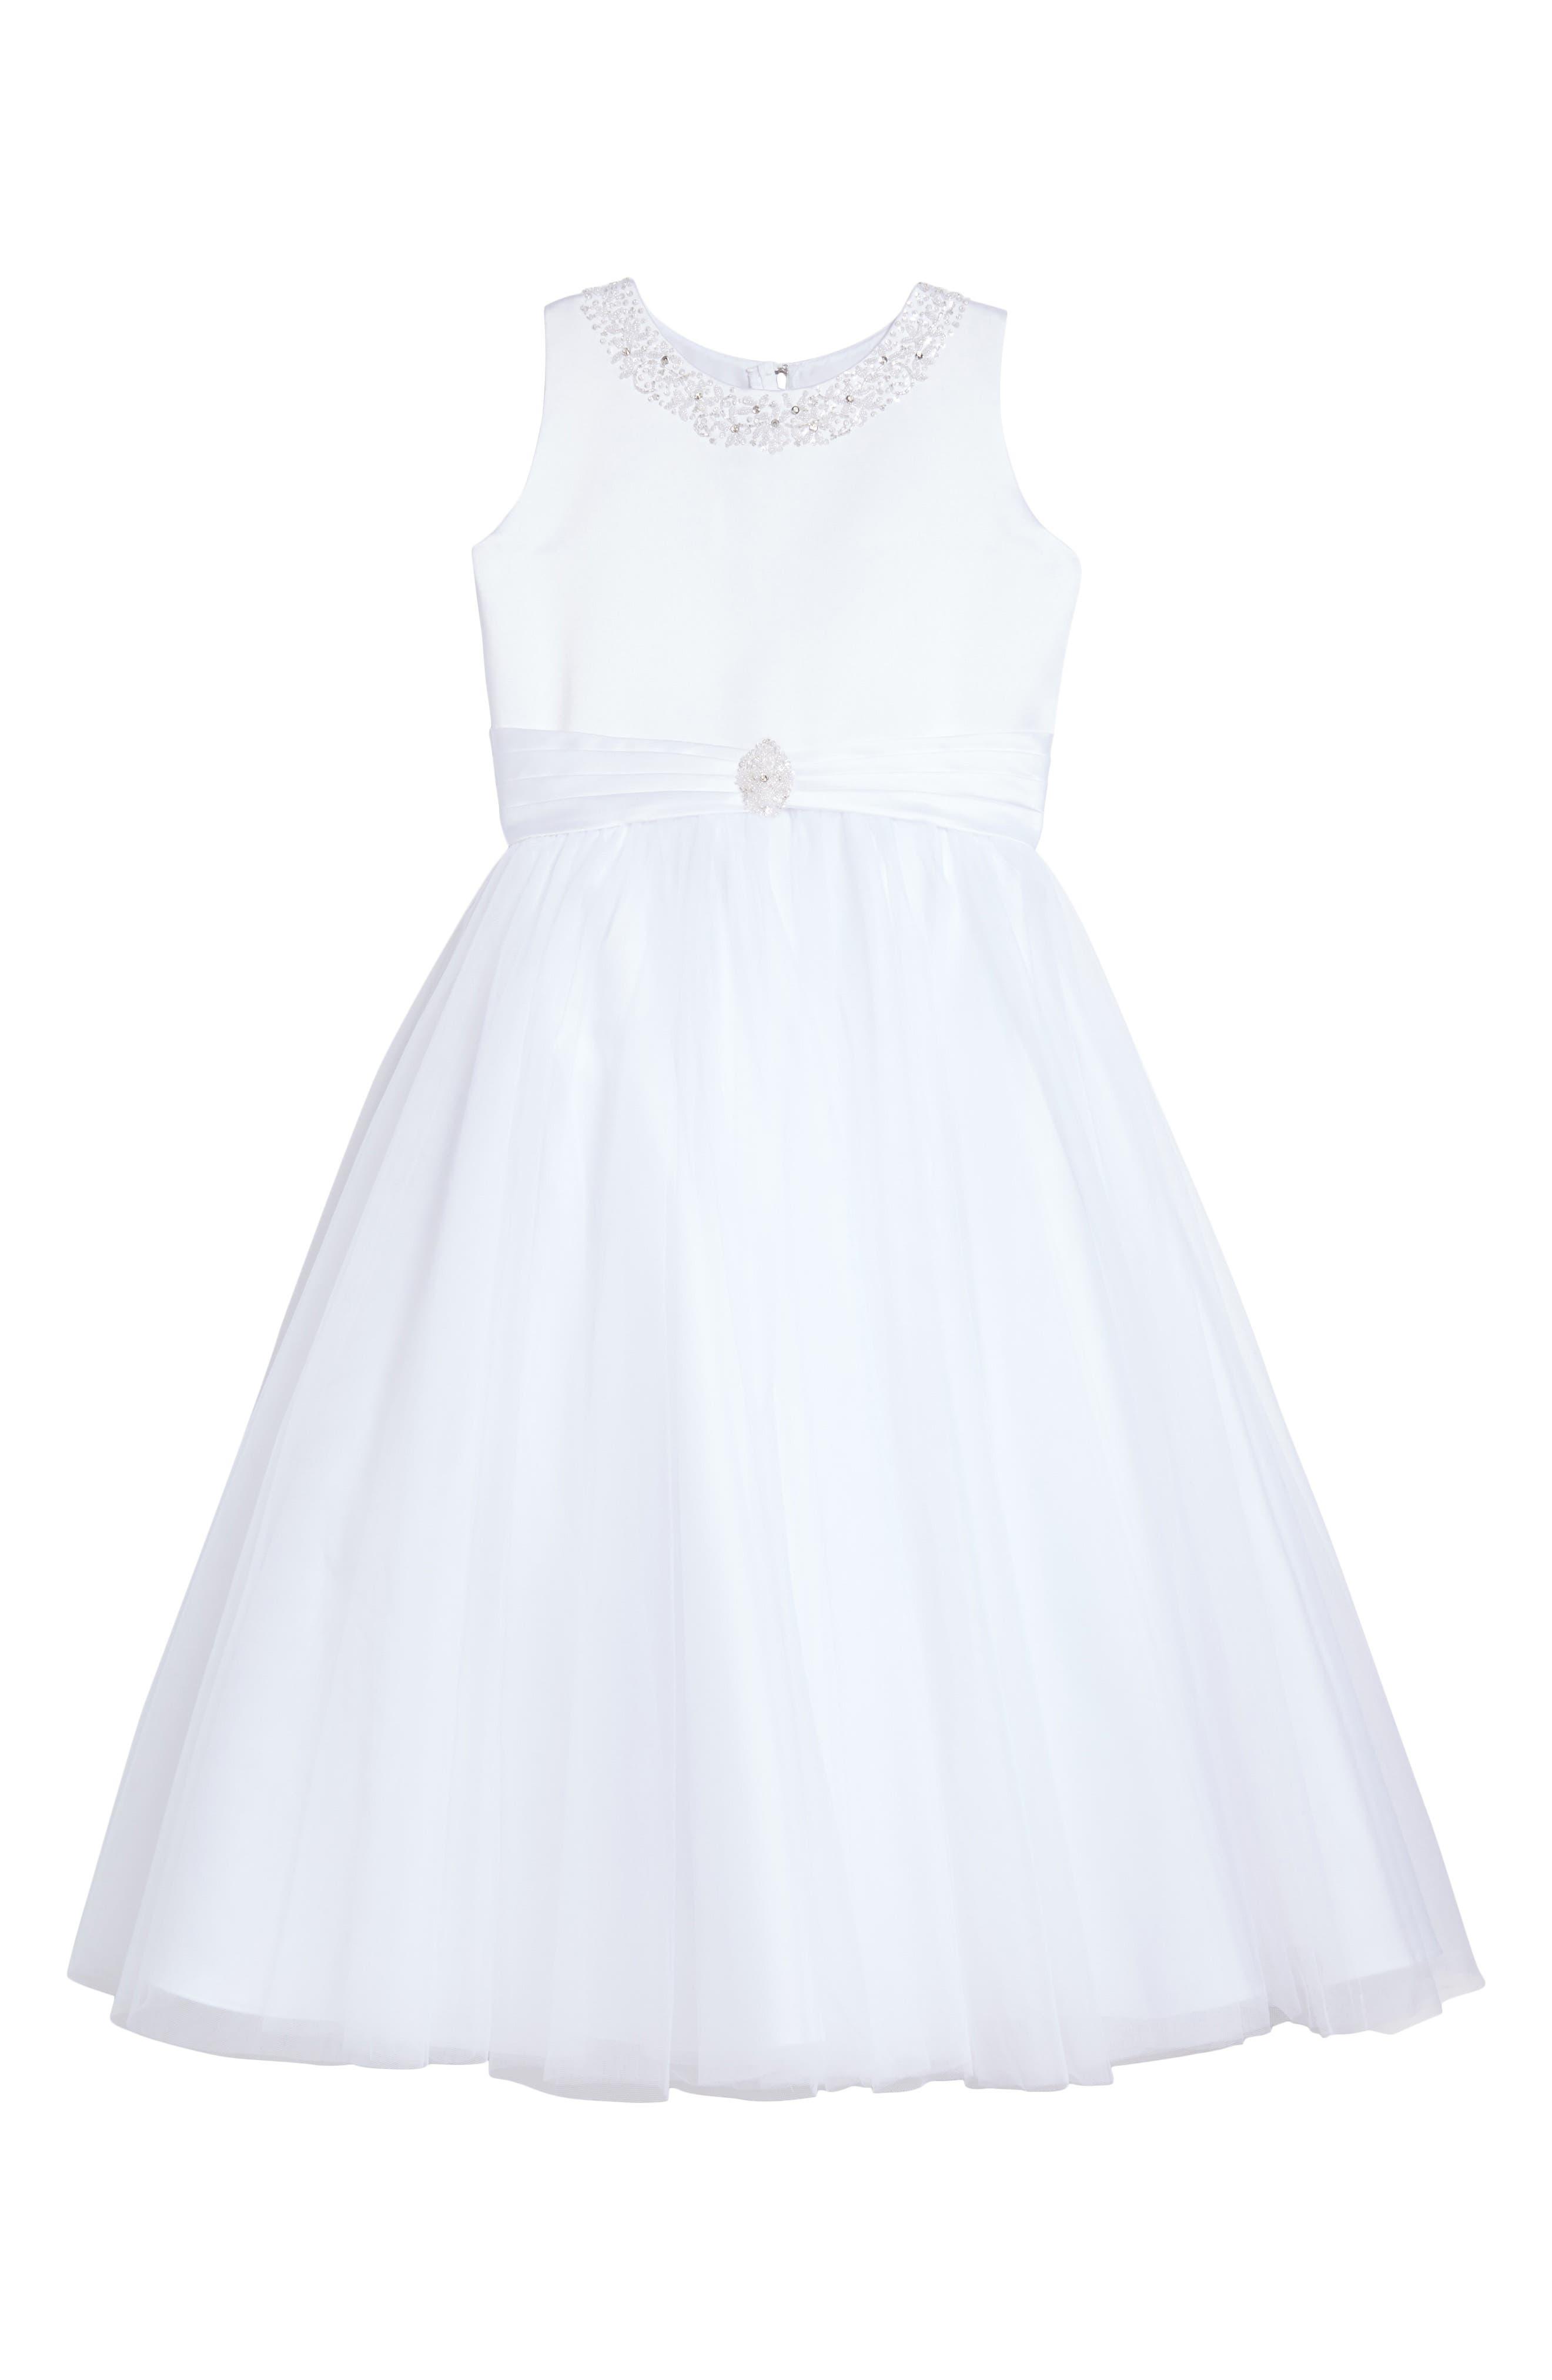 Main Image - Joan Calabrese for Mon Cheri Beaded Satin & Tulle First Communion Dress (Toddler Girls, Little Girls & Big Girls)